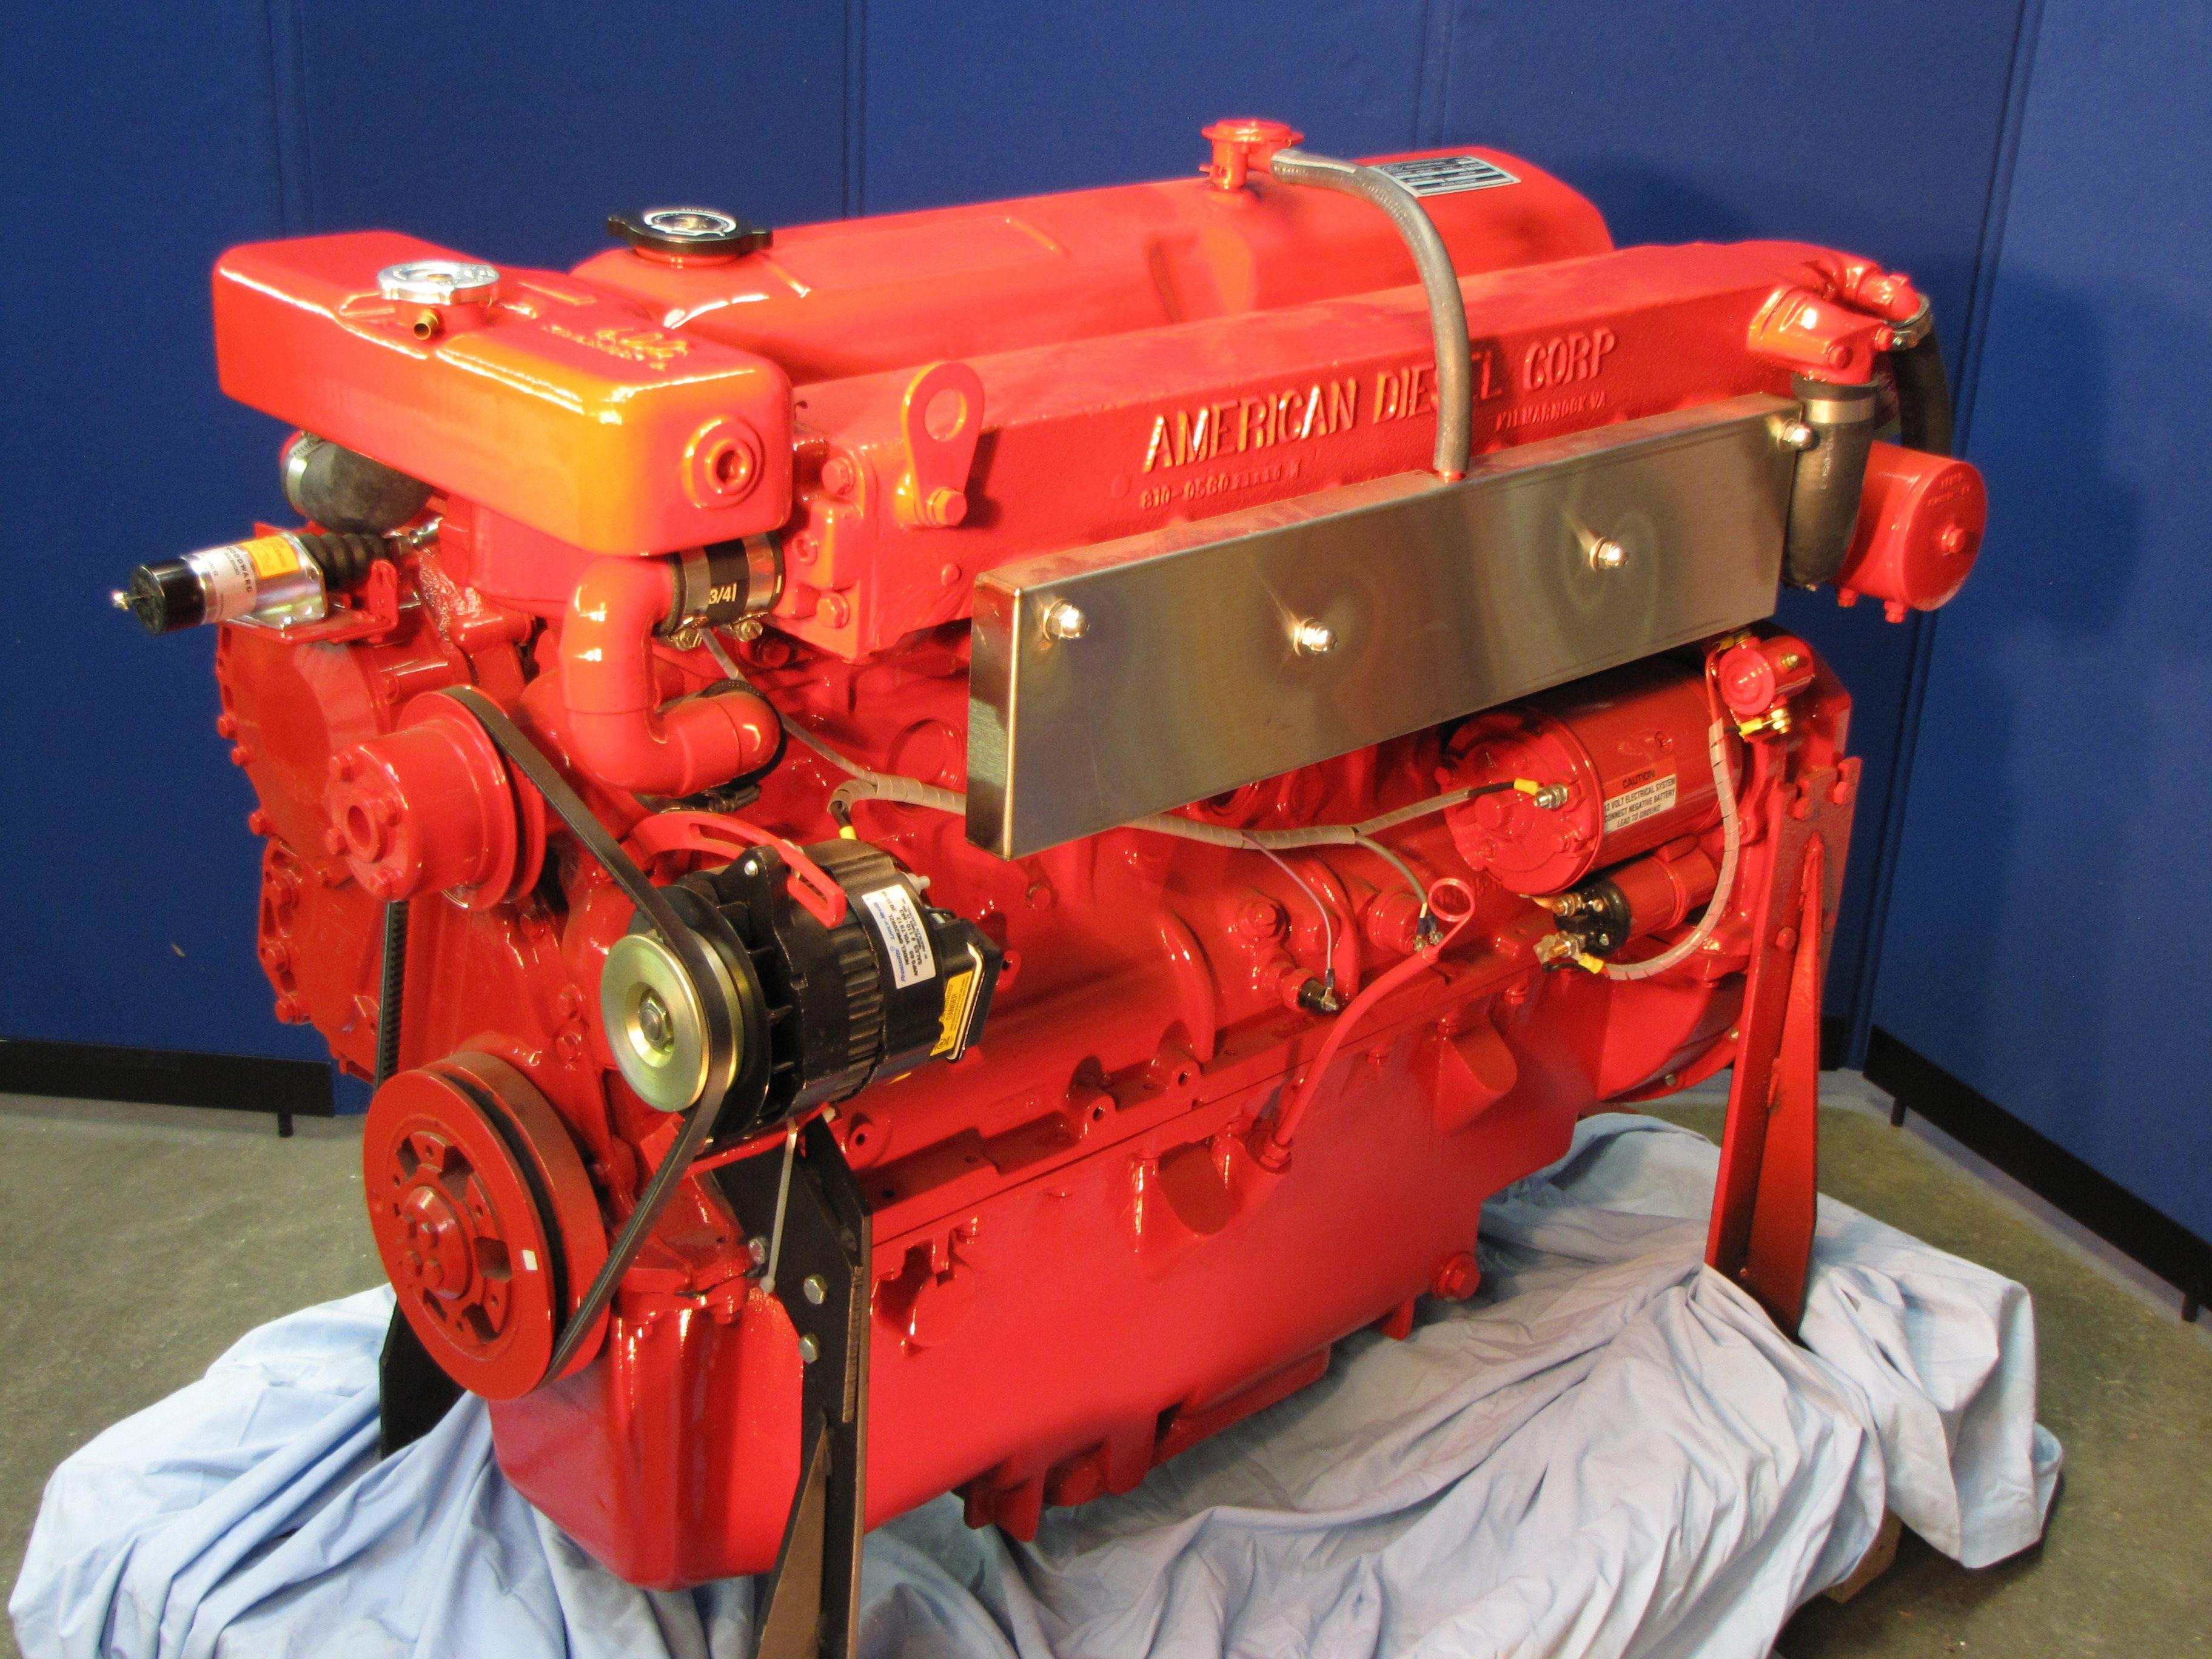 American Diesel 6N140 marine diesel engine has been the replacement for  earlier 6D380-120 and SP135 Lehman engines.